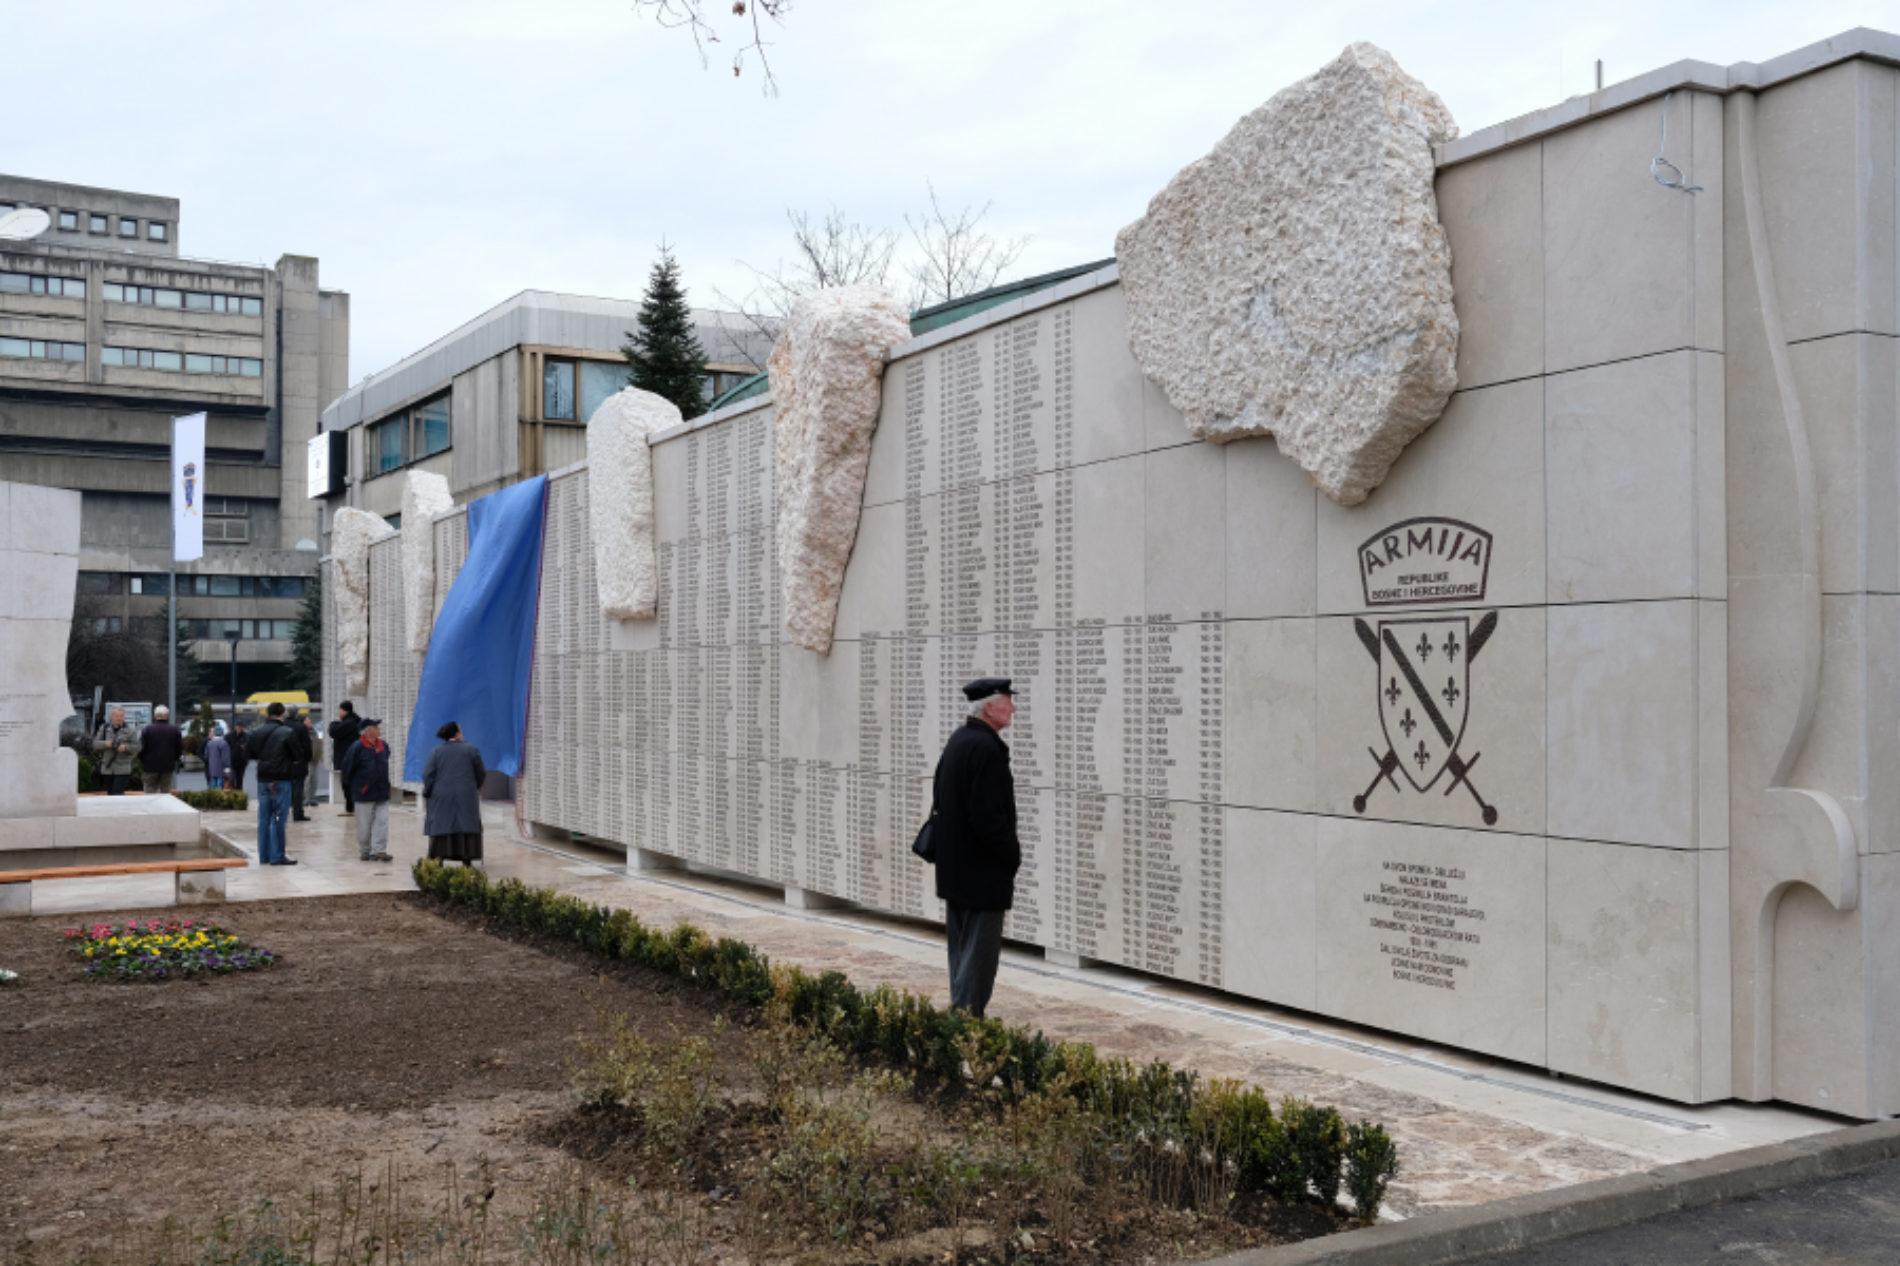 Općina Novi Grad podigla spomen obilježje u čast svojih 1.945 poginulih bosanskih vojnika